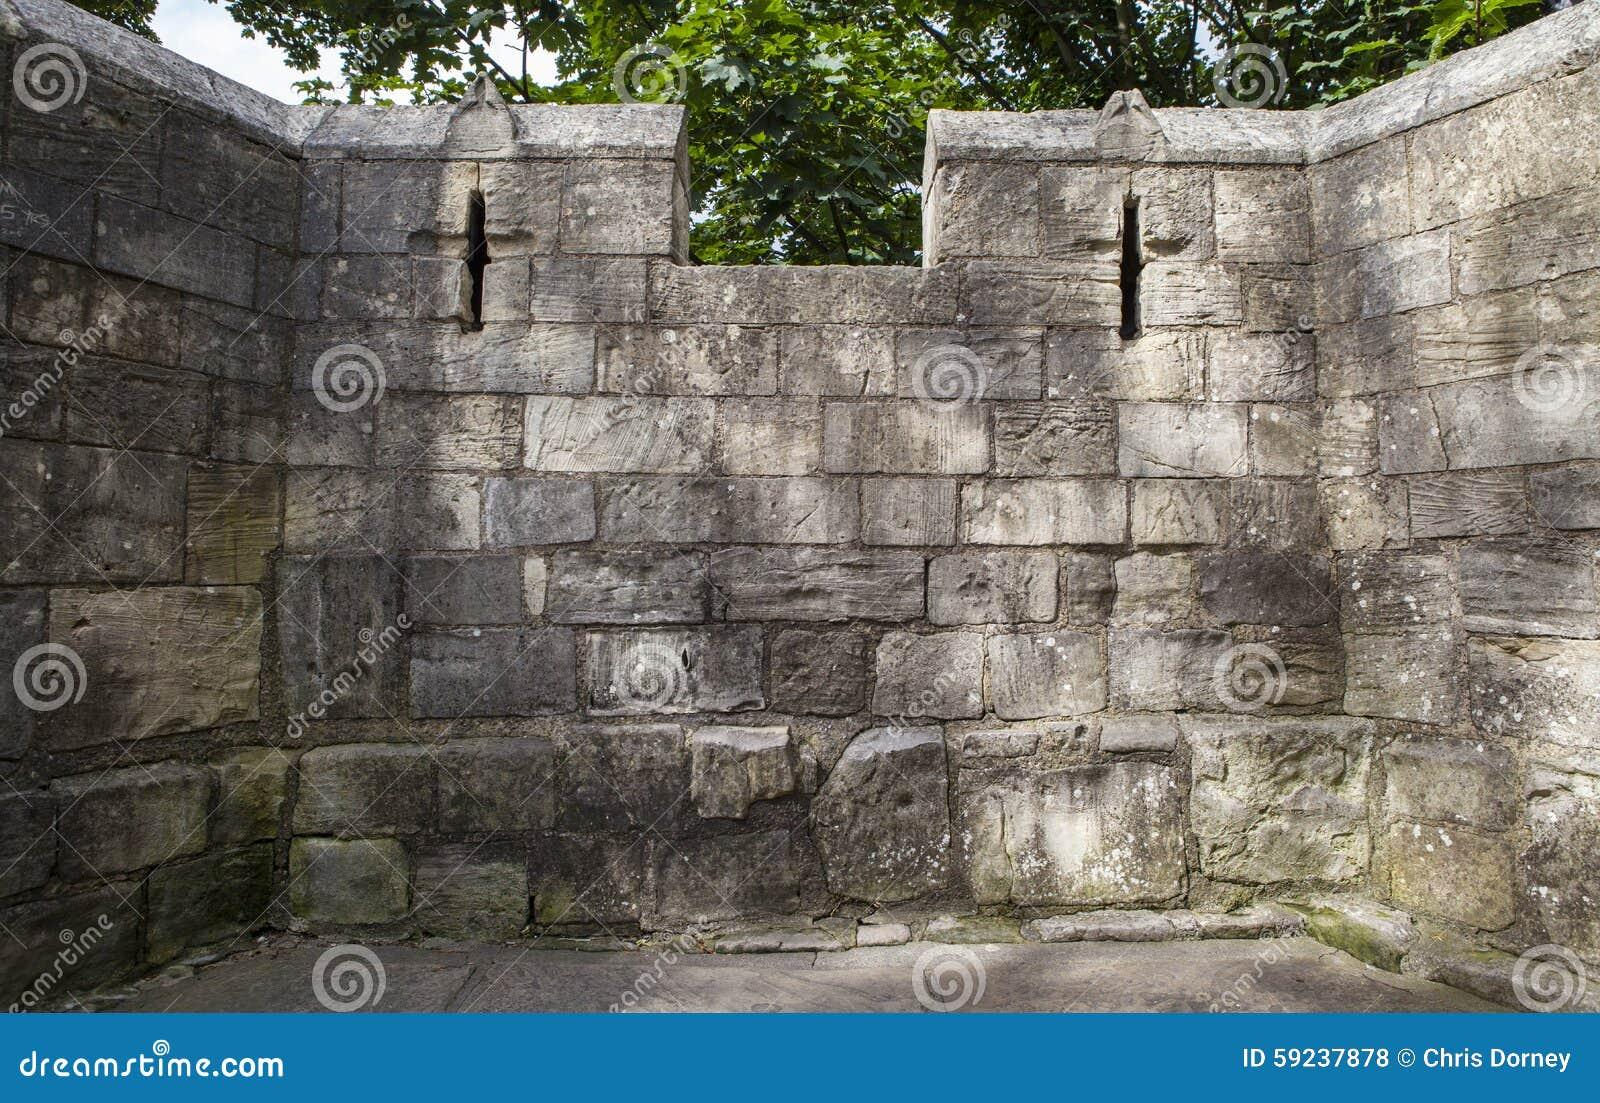 Download Paredes De La Ciudad De York Foto de archivo - Imagen de defending, antiguo: 59237878